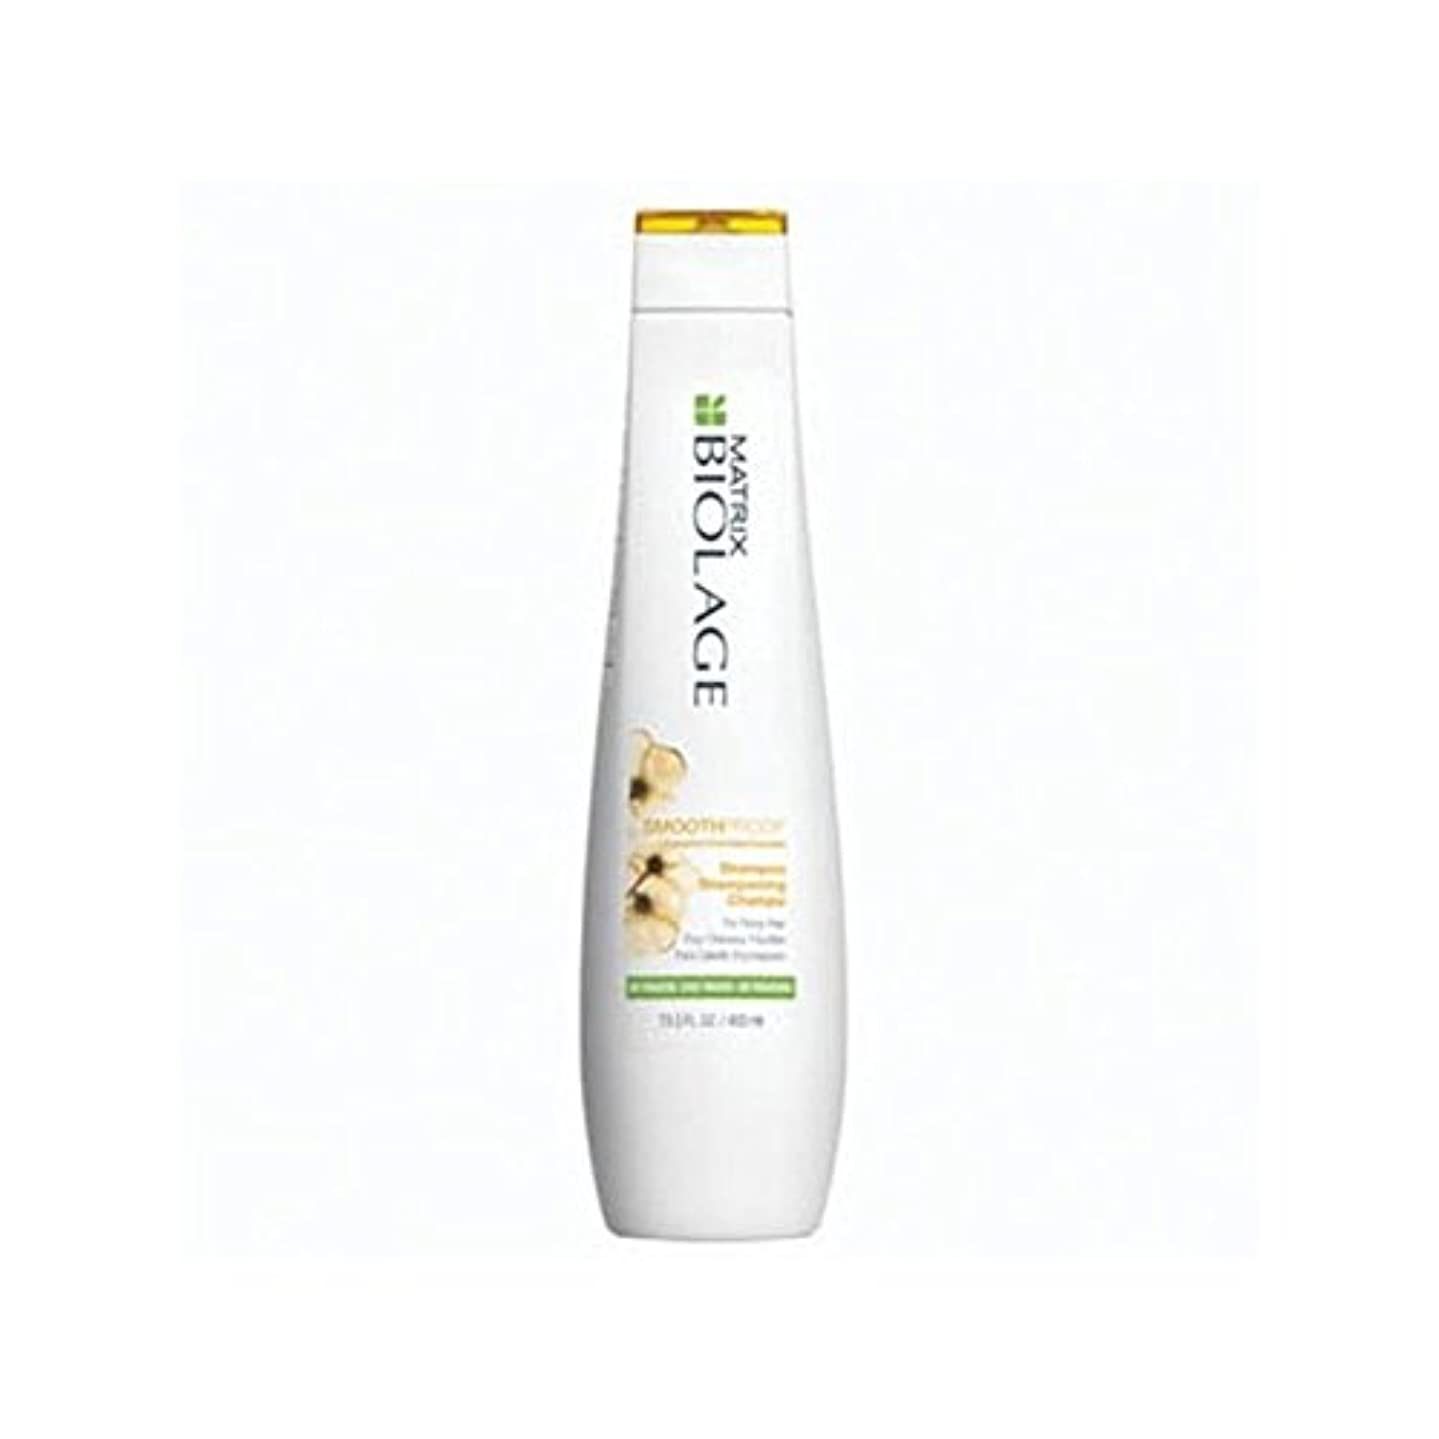 個人誰のラインMatrix Biolage Smoothproof Shampoo (400ml) - マトリックスバイオレイジのシャンプー(400ミリリットル) [並行輸入品]